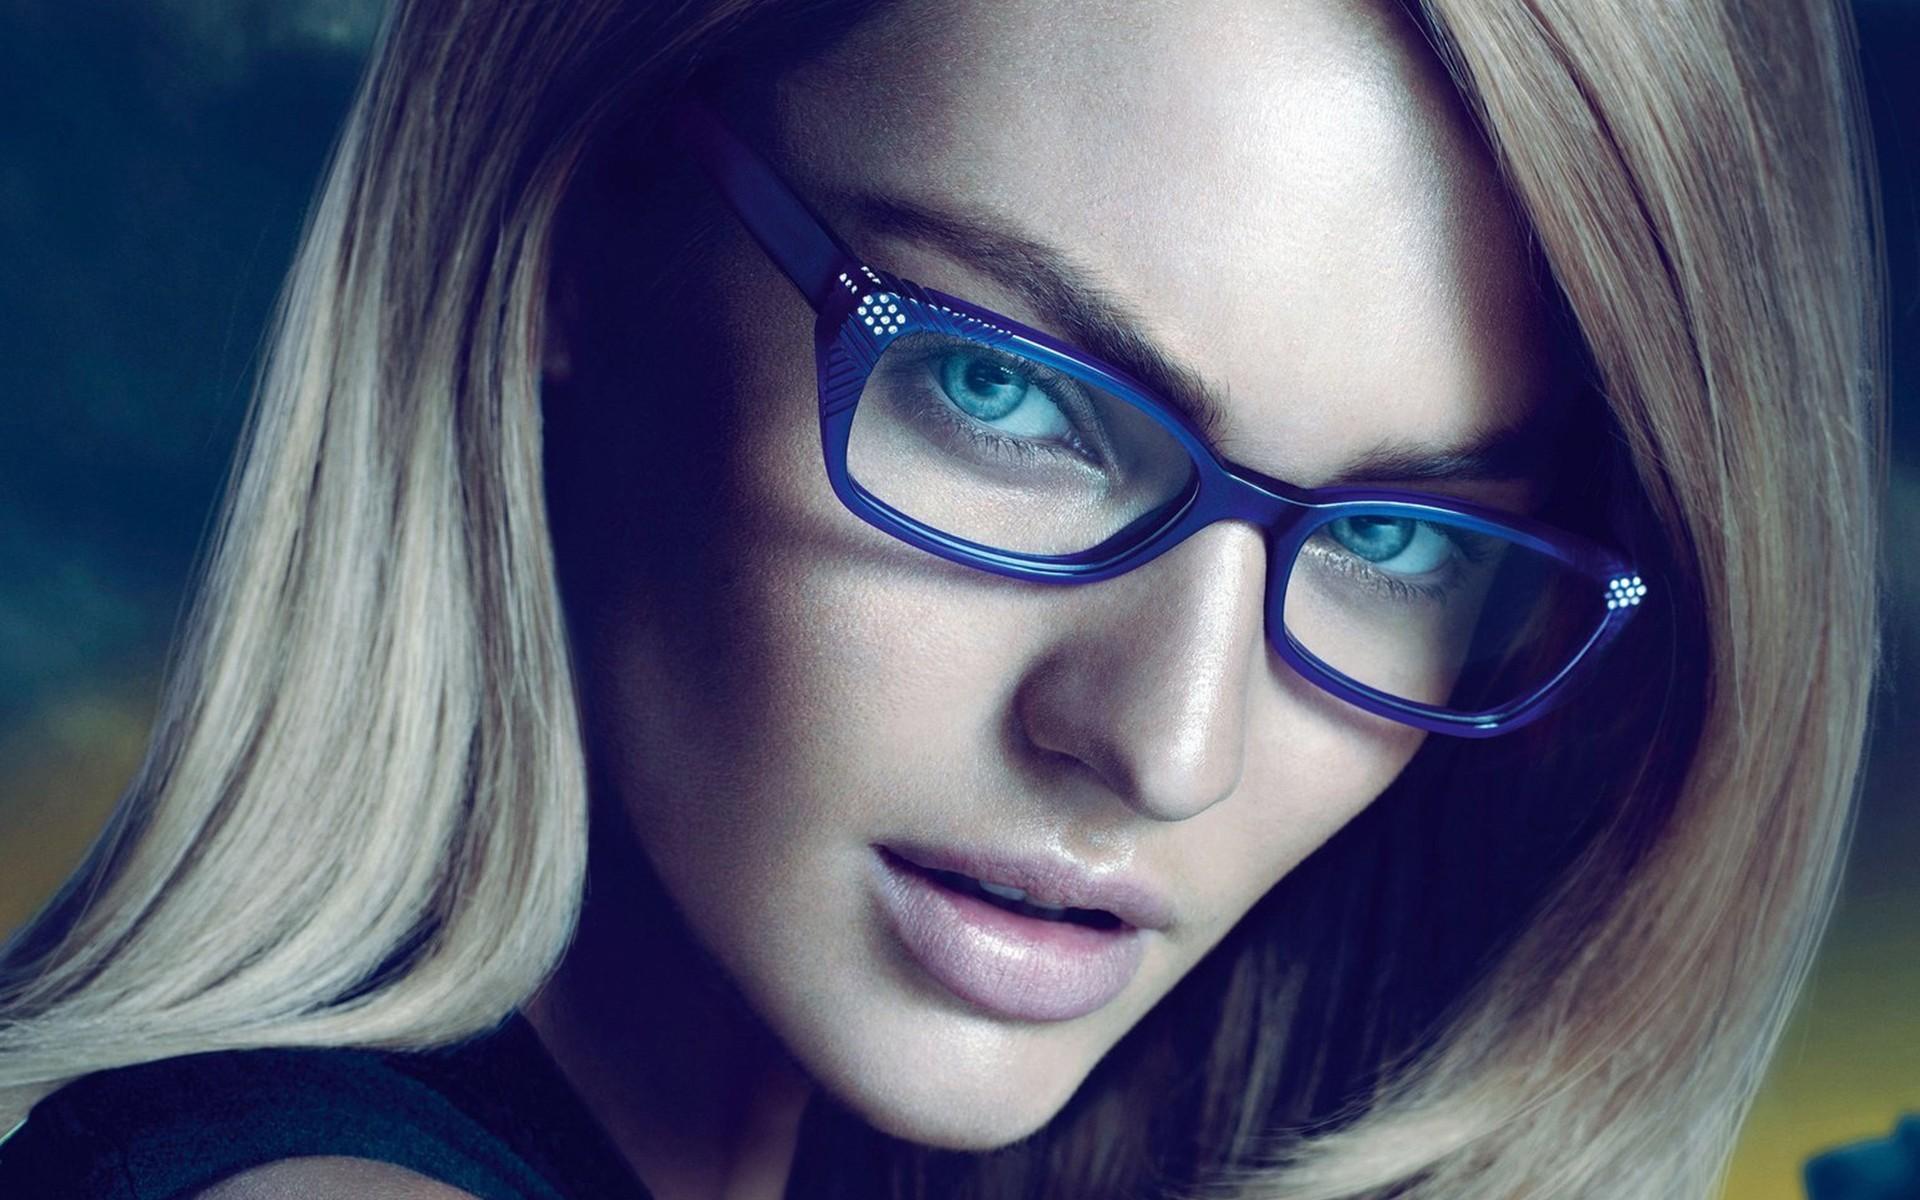 Смотреть бесплатно фото женского очка 24 фотография